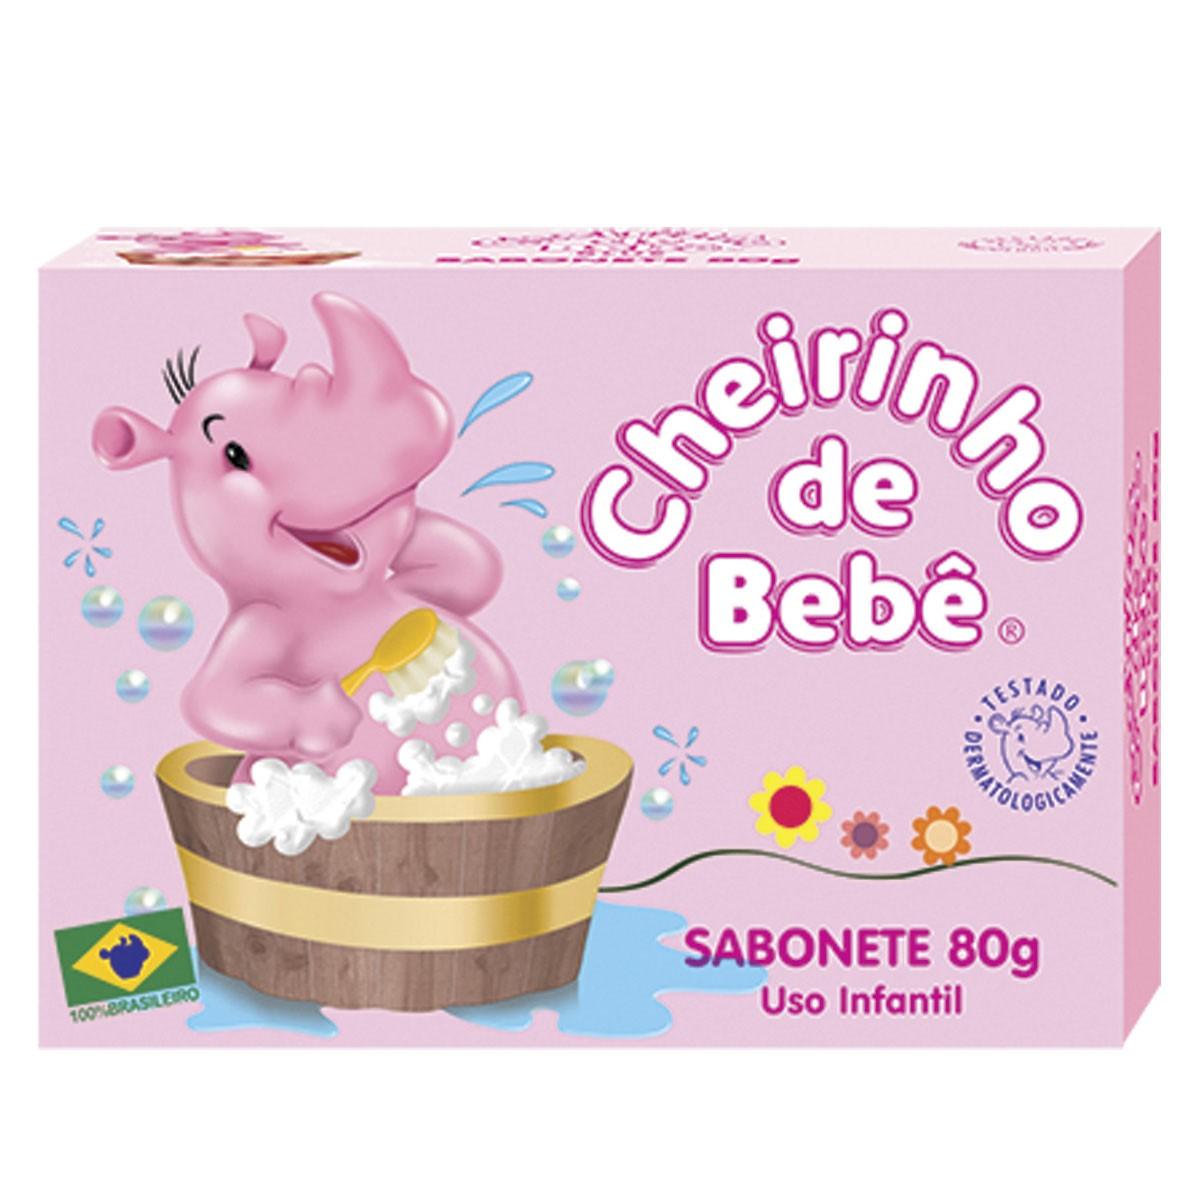 Sabonete Cheirinho de Bebê 80g